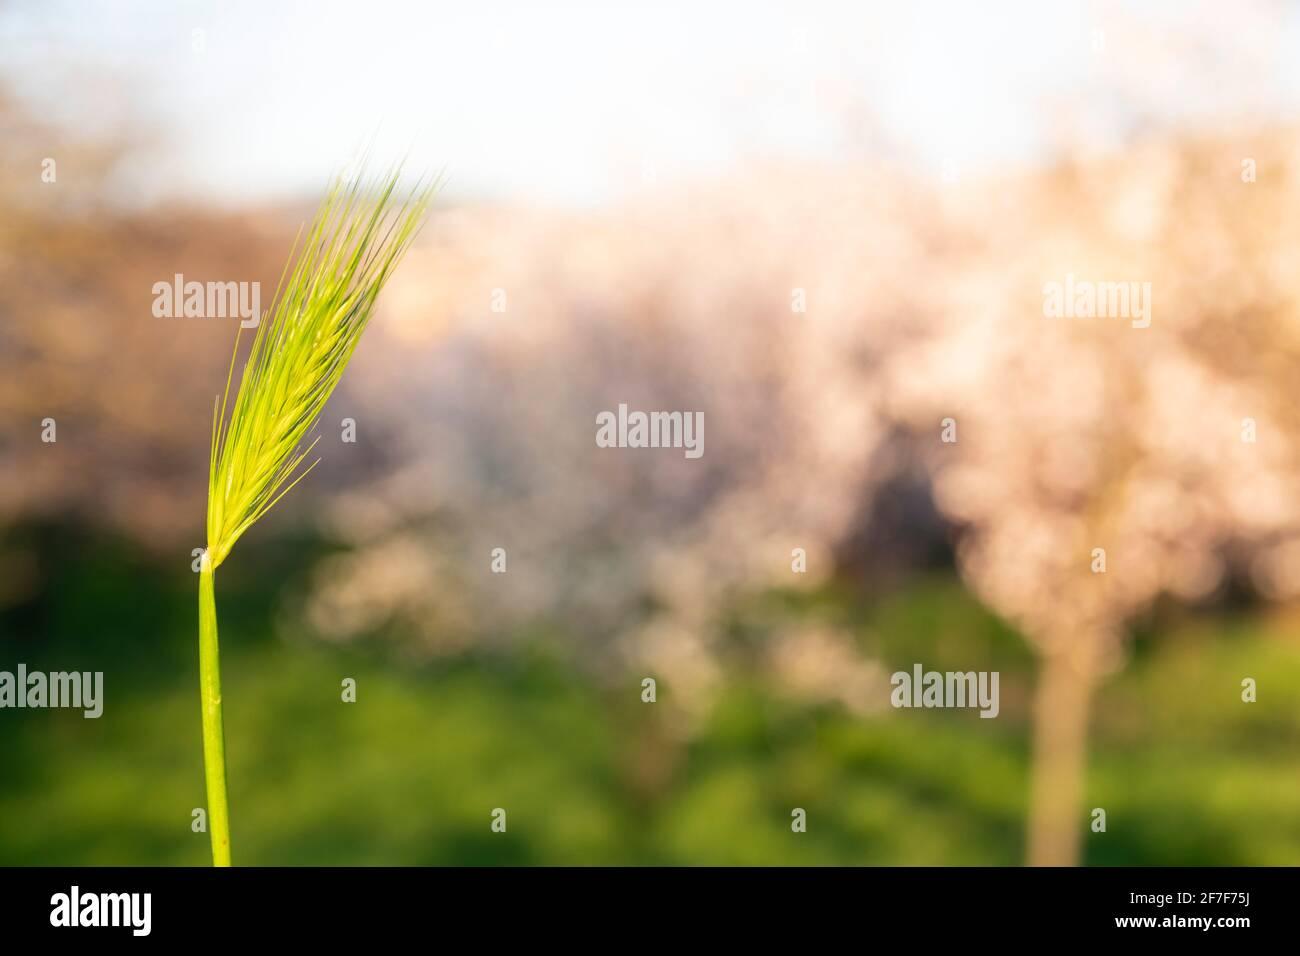 Concept de printemps et de croissance : vue latérale et gros plan sur l'herbe verte par temps ensoleillé. Faisceau de soleil brillant à travers les feuilles. Croissance de l'économie. Lumière du jour. Banque D'Images